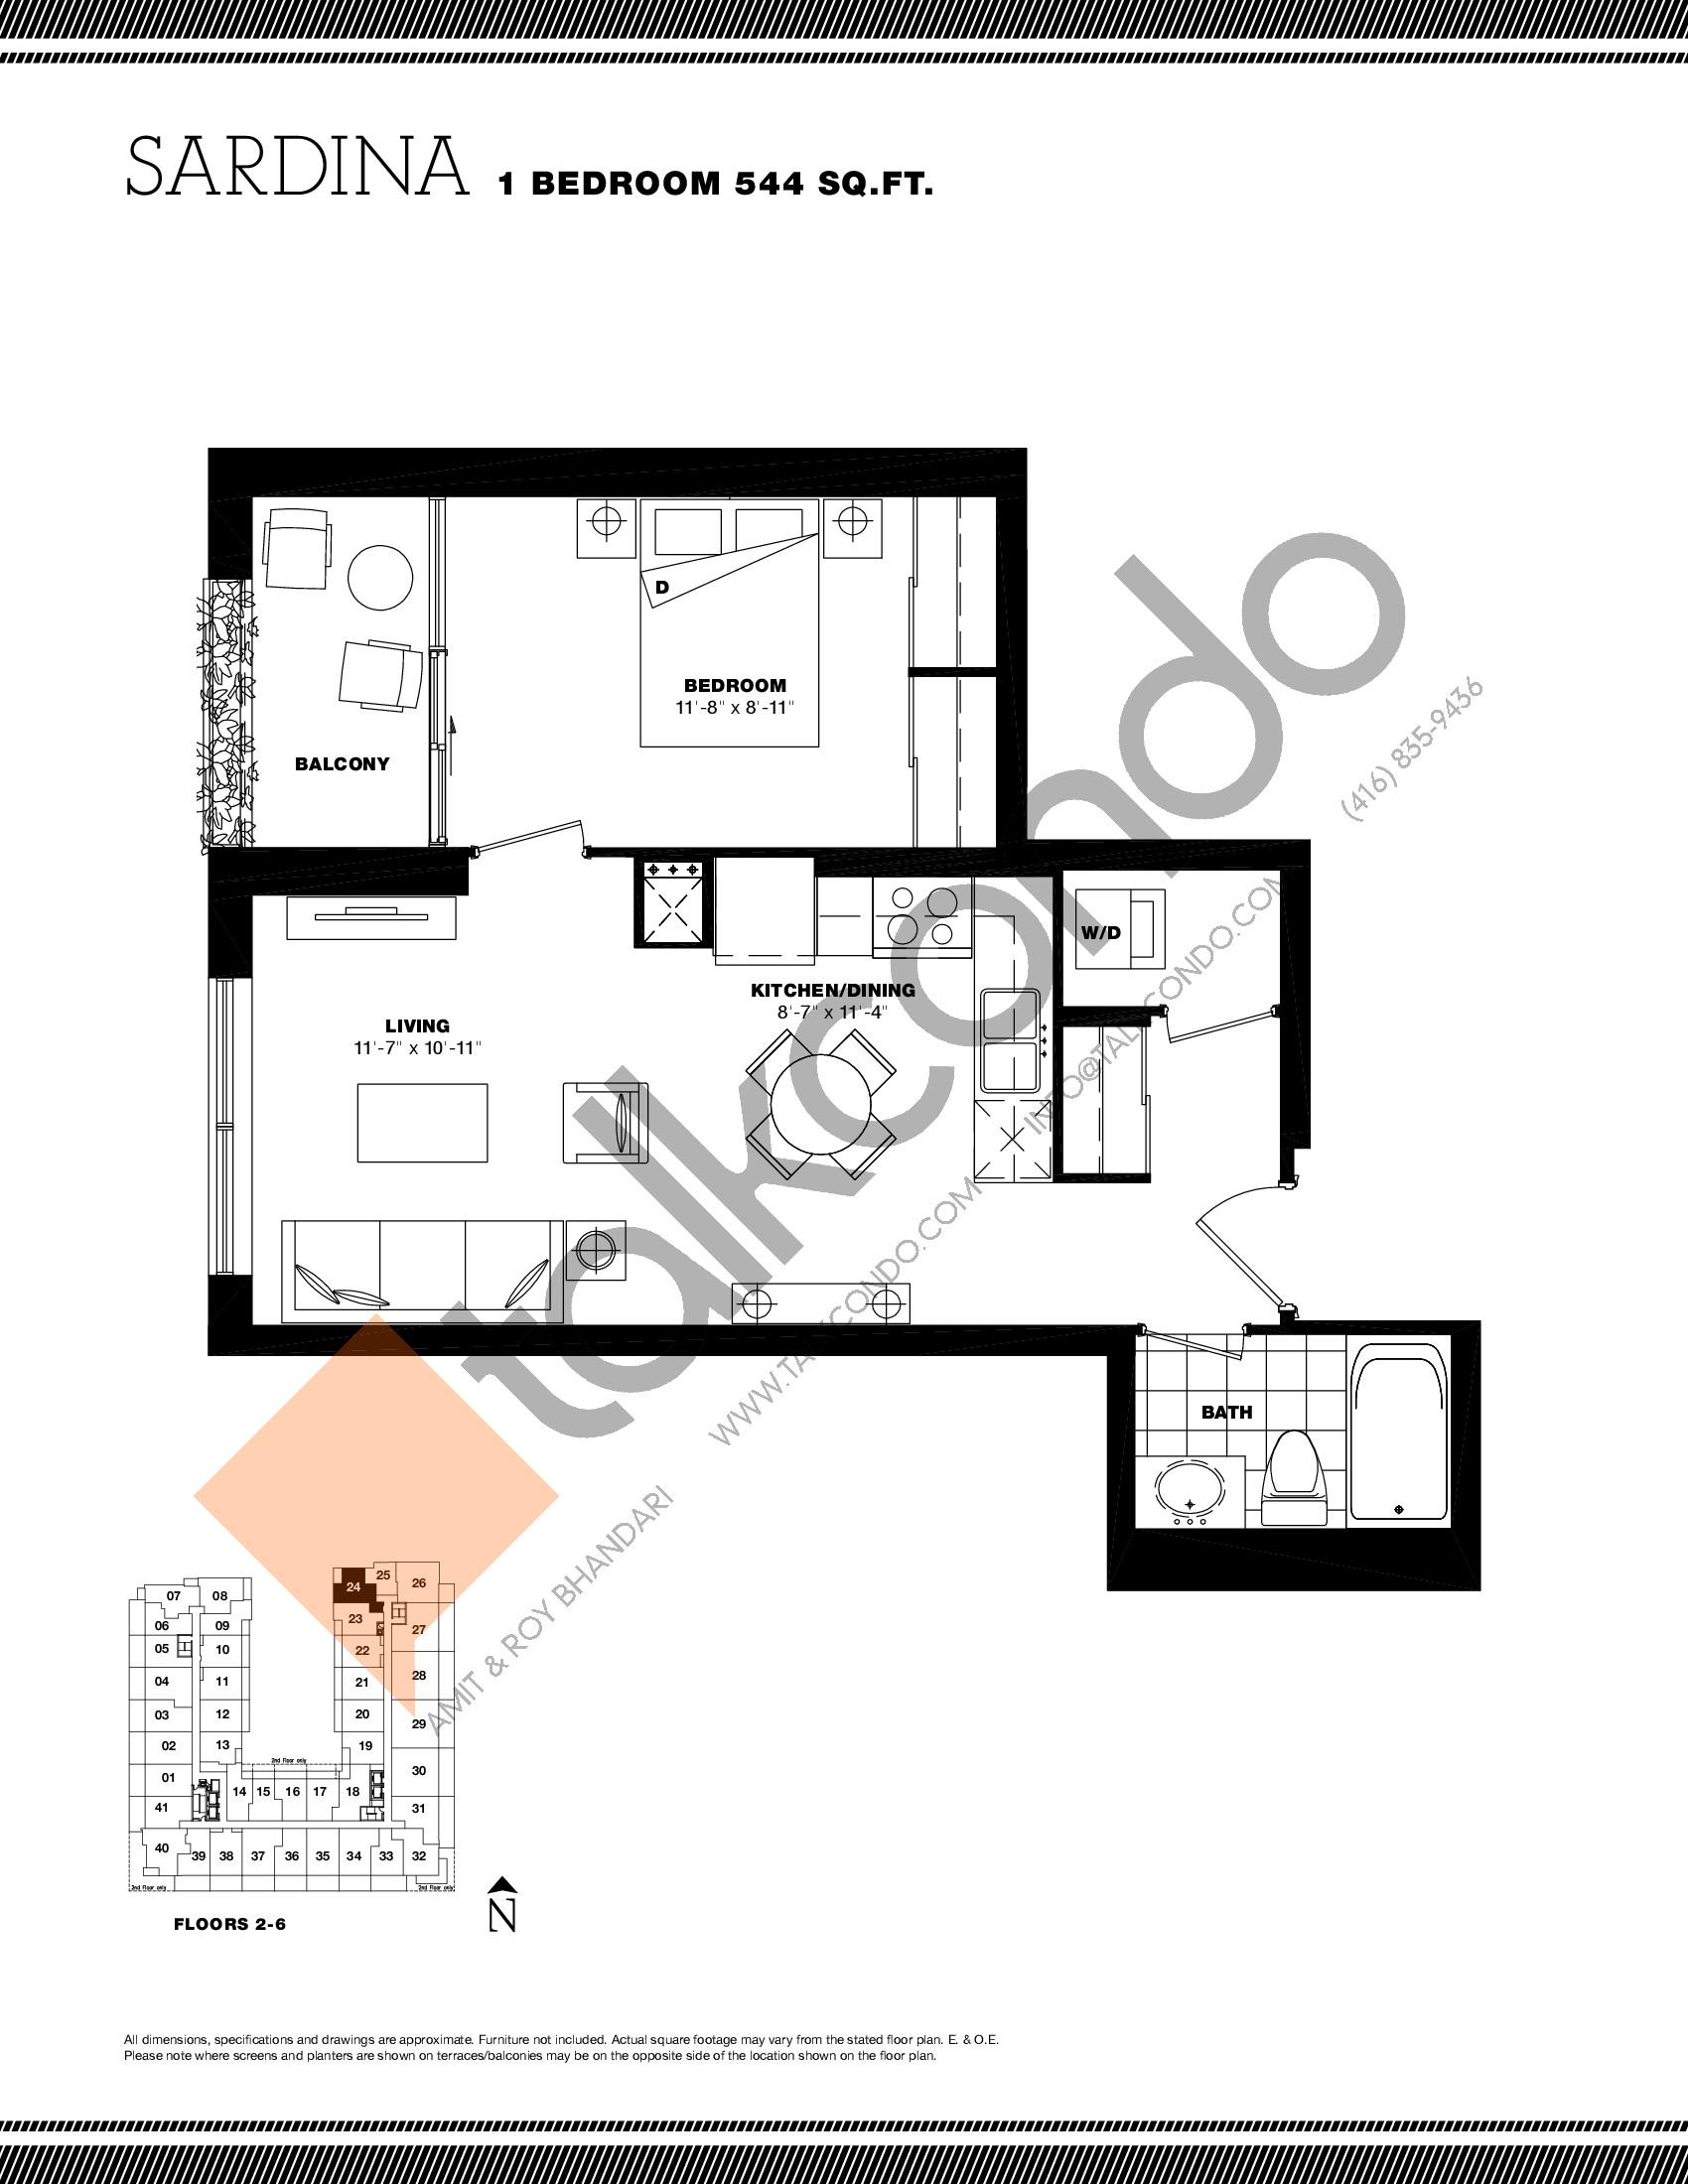 Sardina Floor Plan at Residenze Palazzo at Treviso 3 Condos - 544 sq.ft